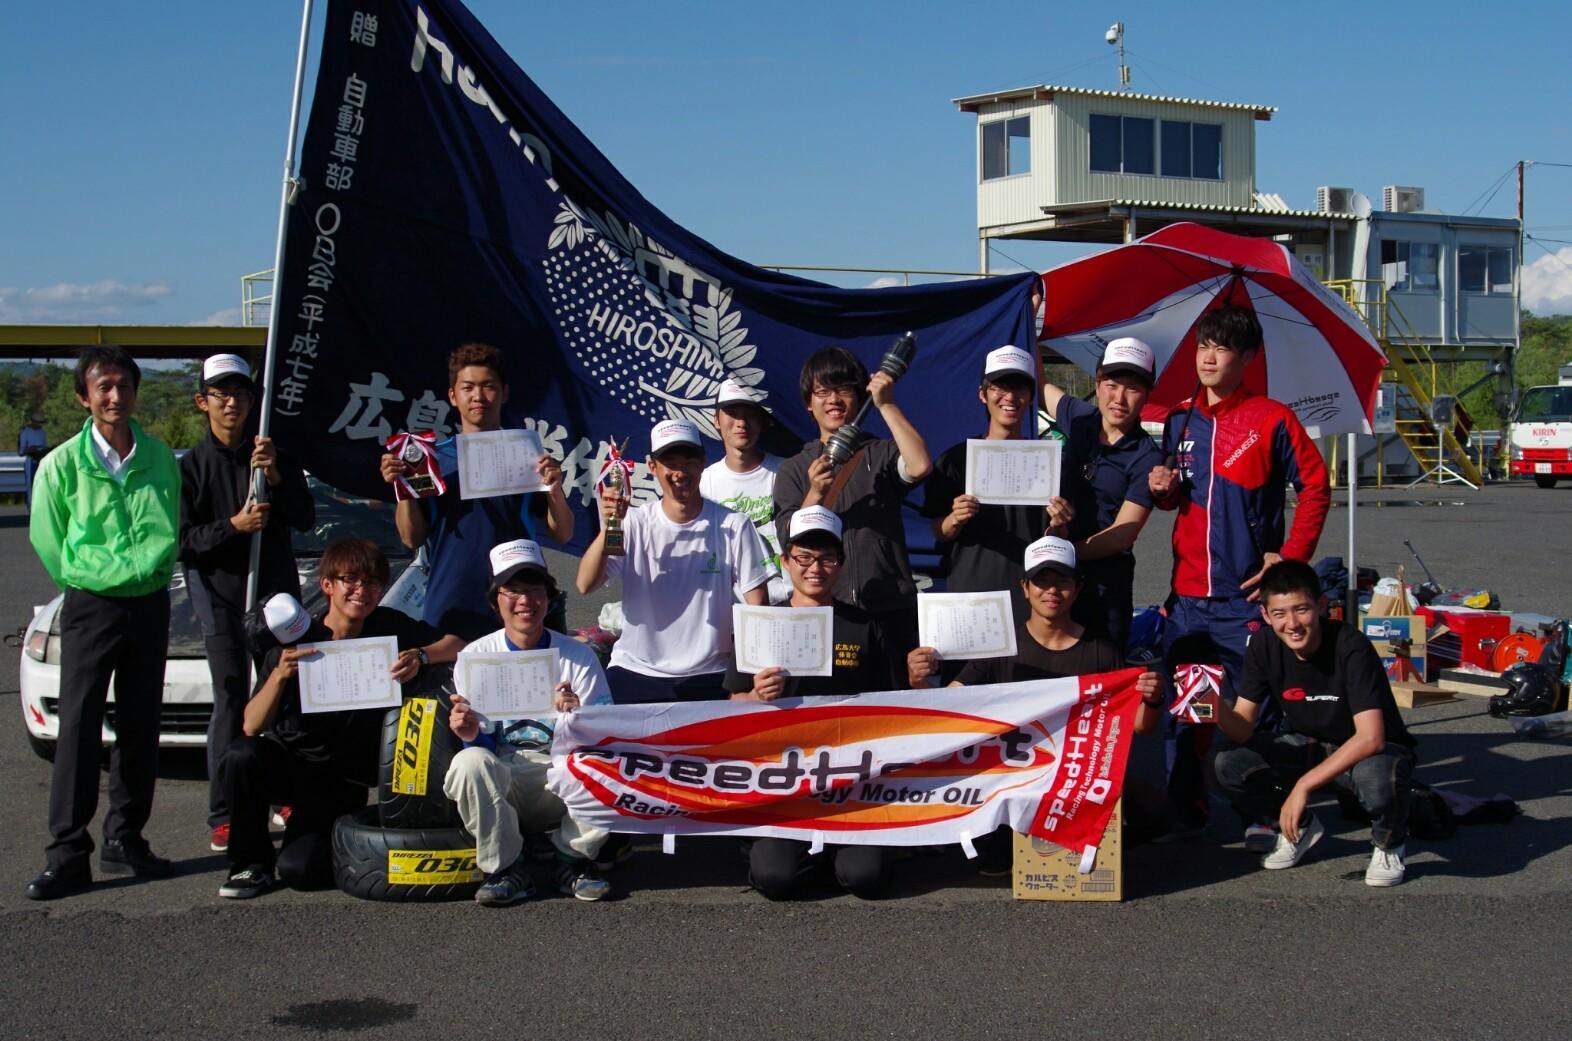 体育会自動車部が中四国ジムカーナ選手権で個人・団体優勝しました!【体育会自動車部】